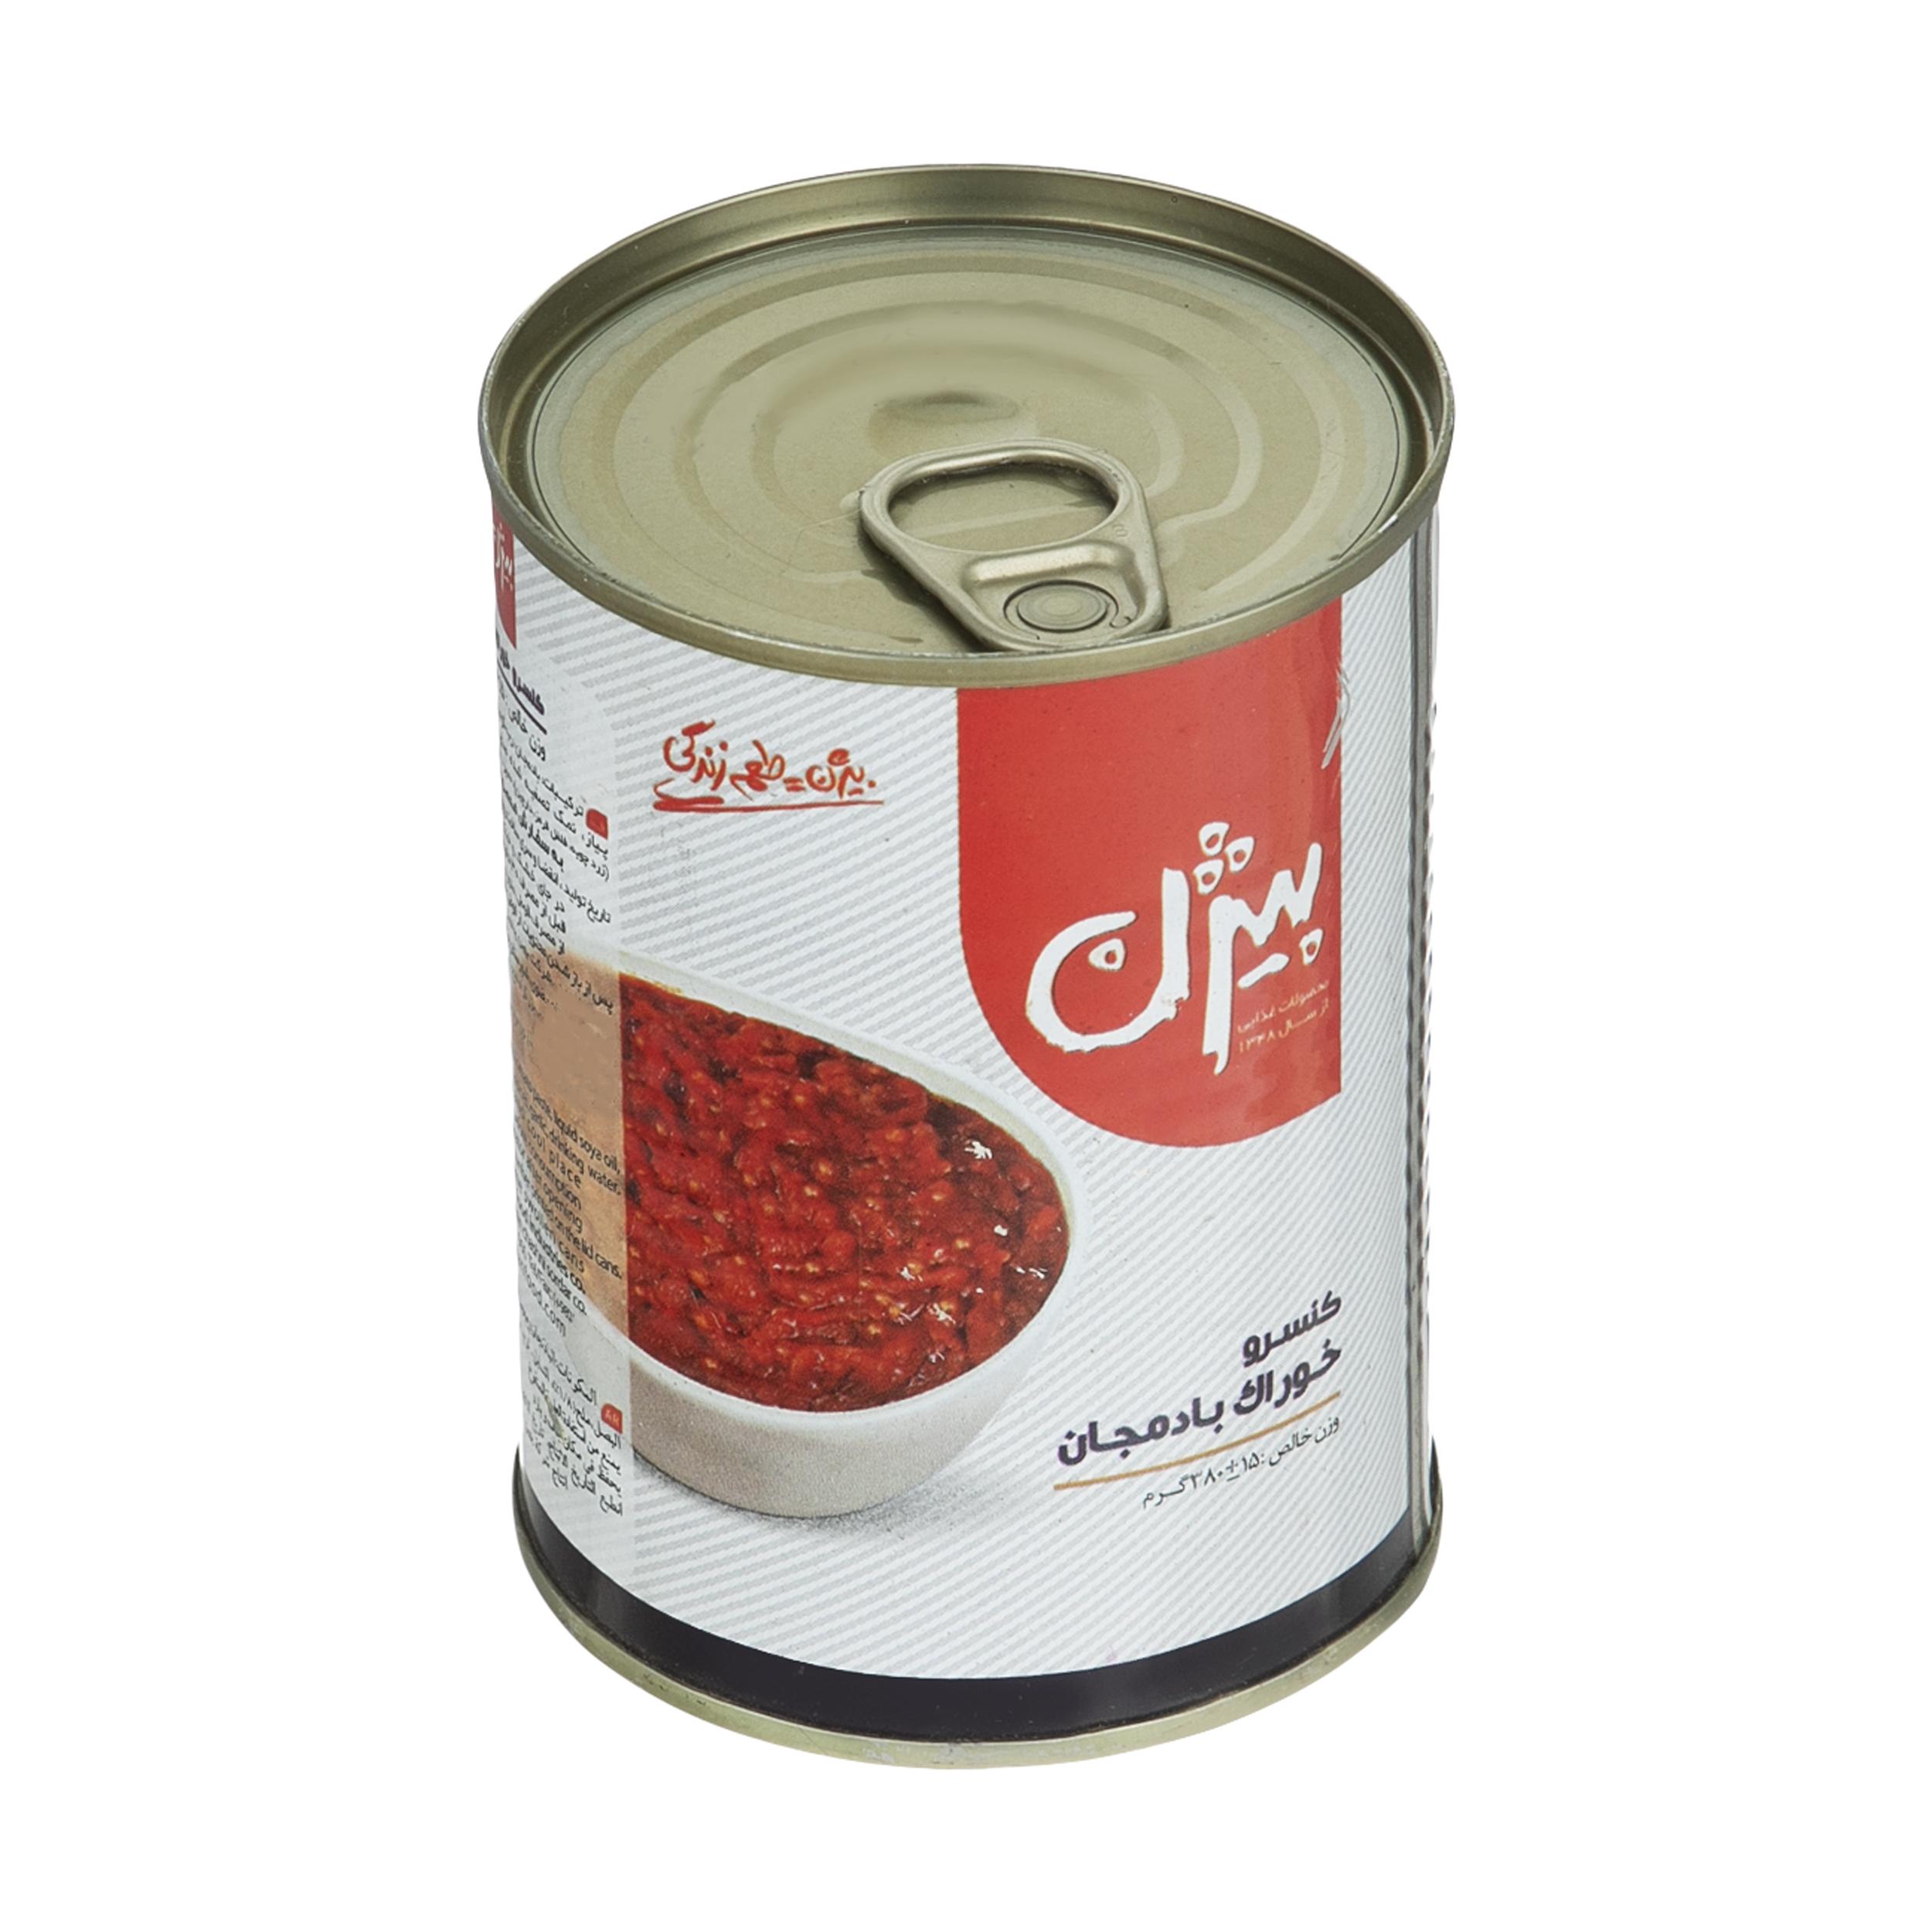 کنسرو خوراک بادمجان بیژن - 380 گرم